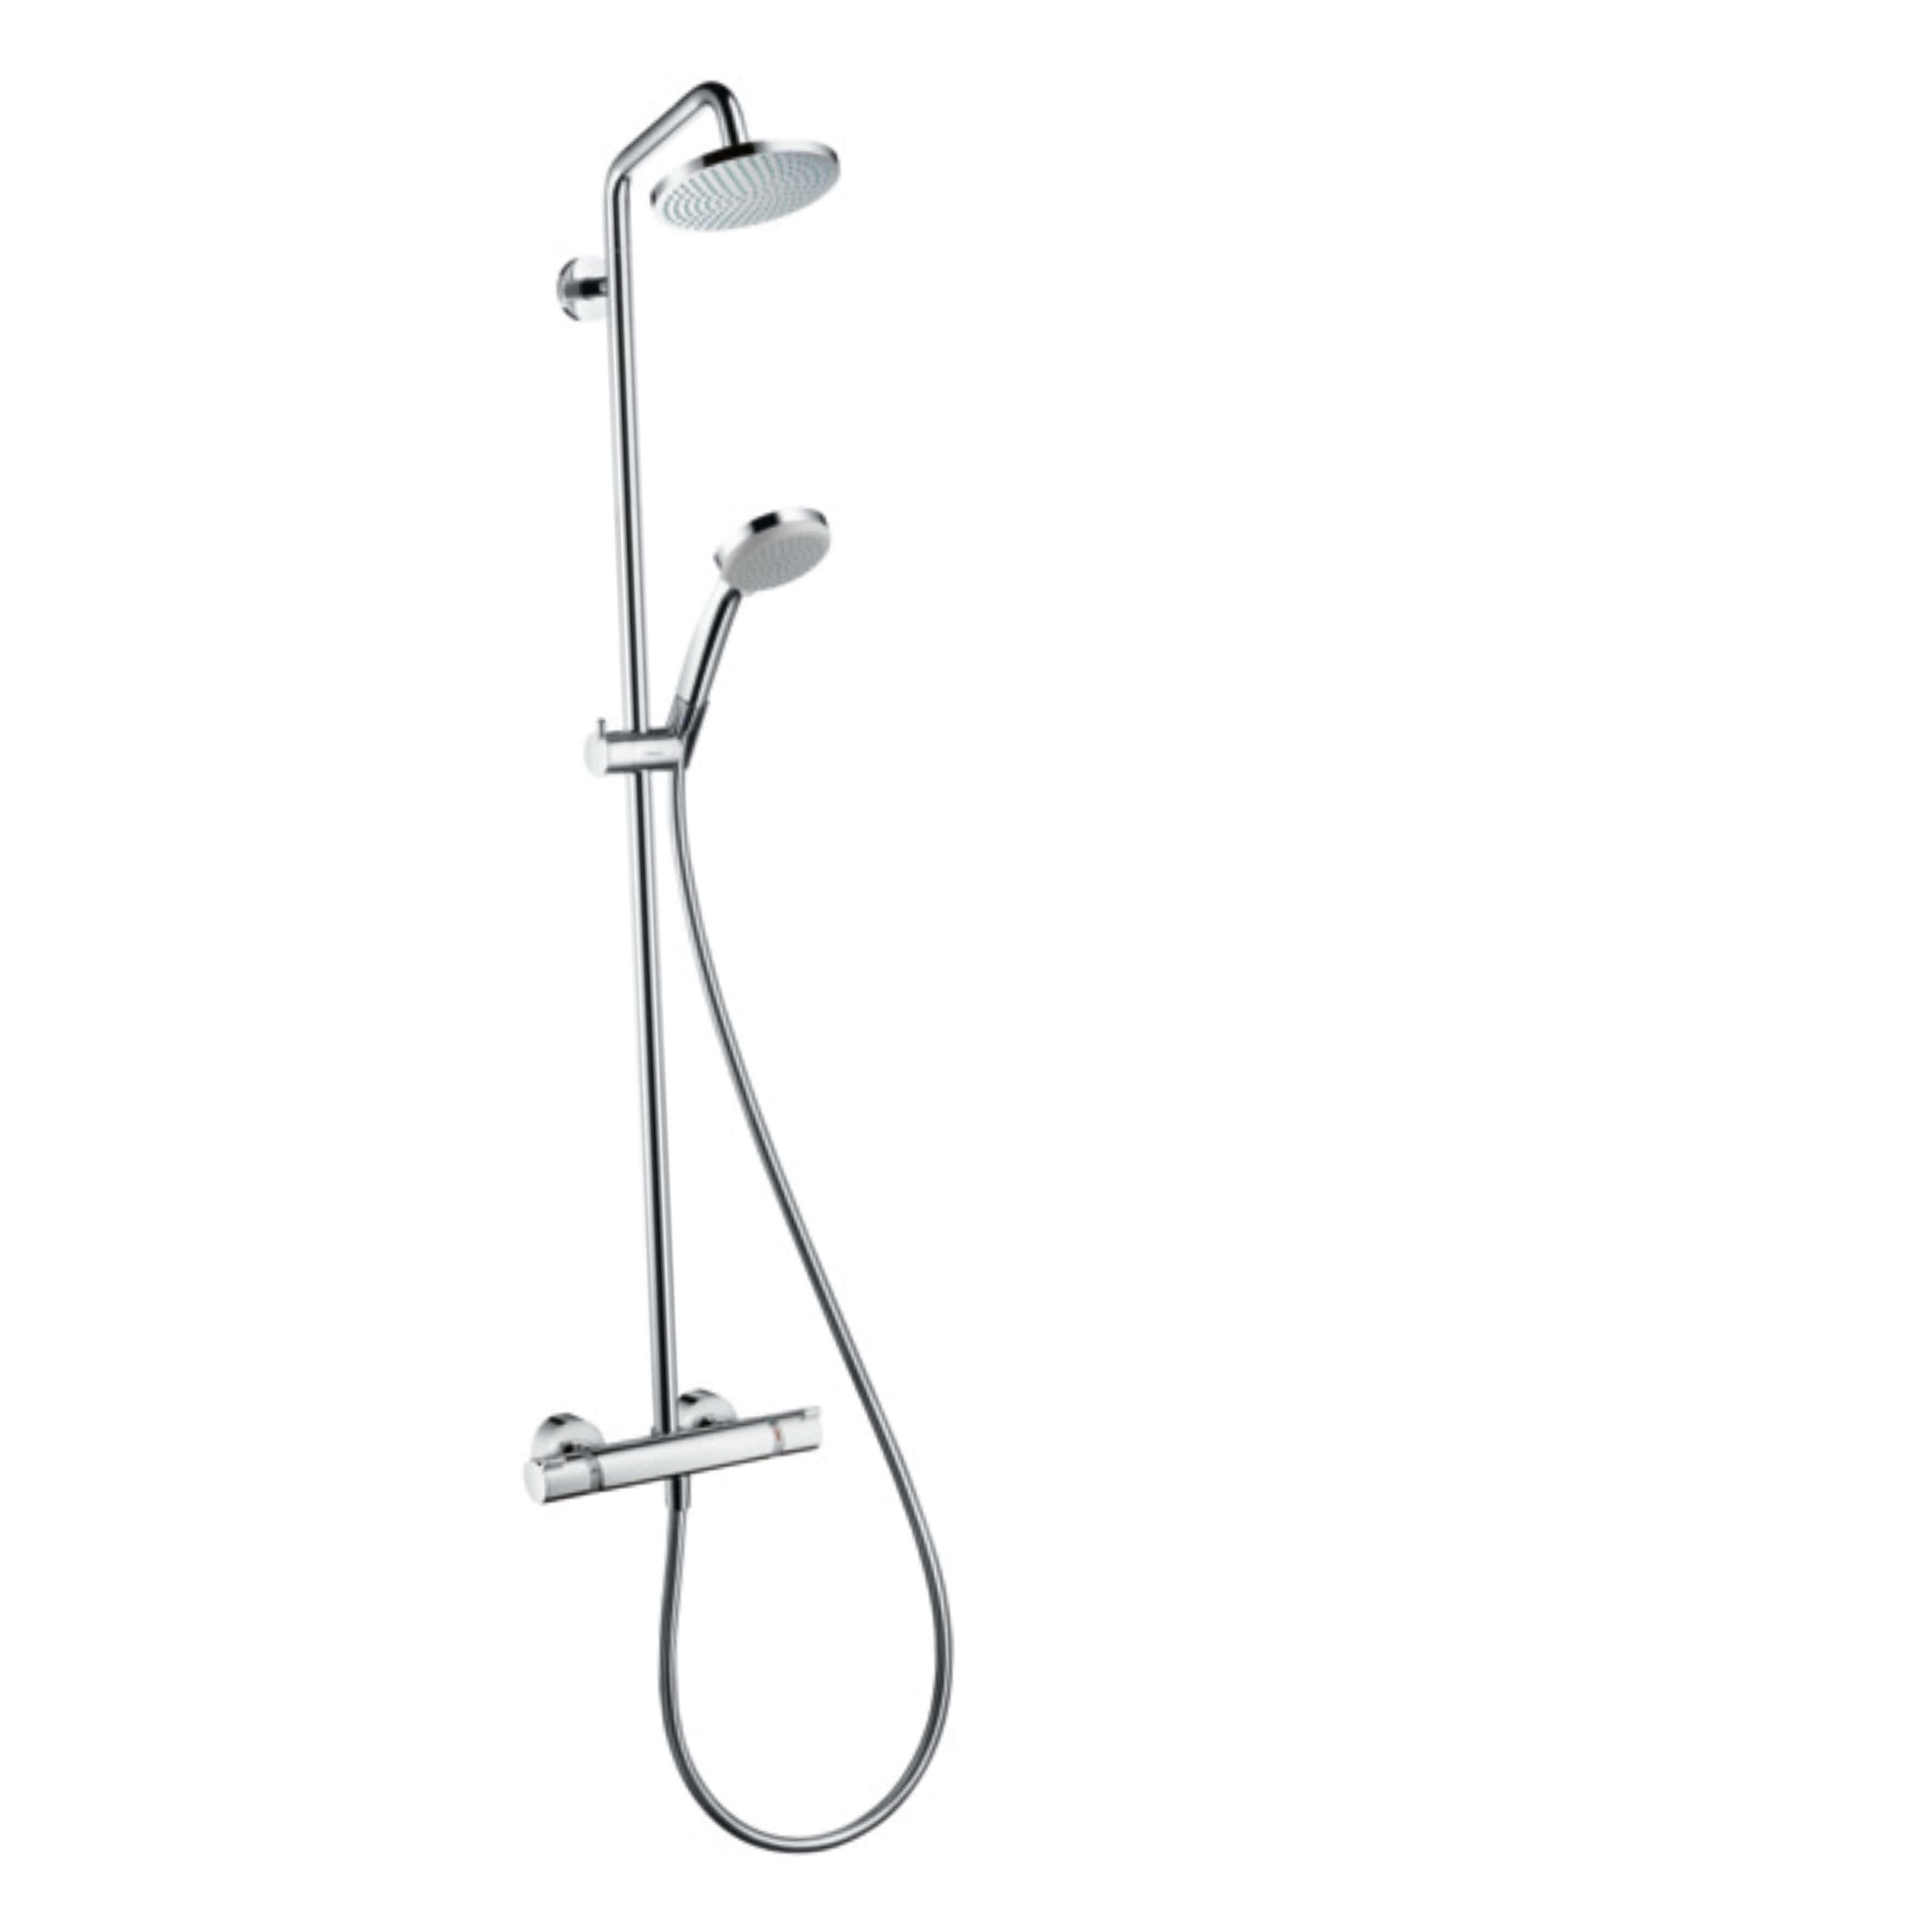 Hansgrohe Croma 160 Showerpipe Set 27135000